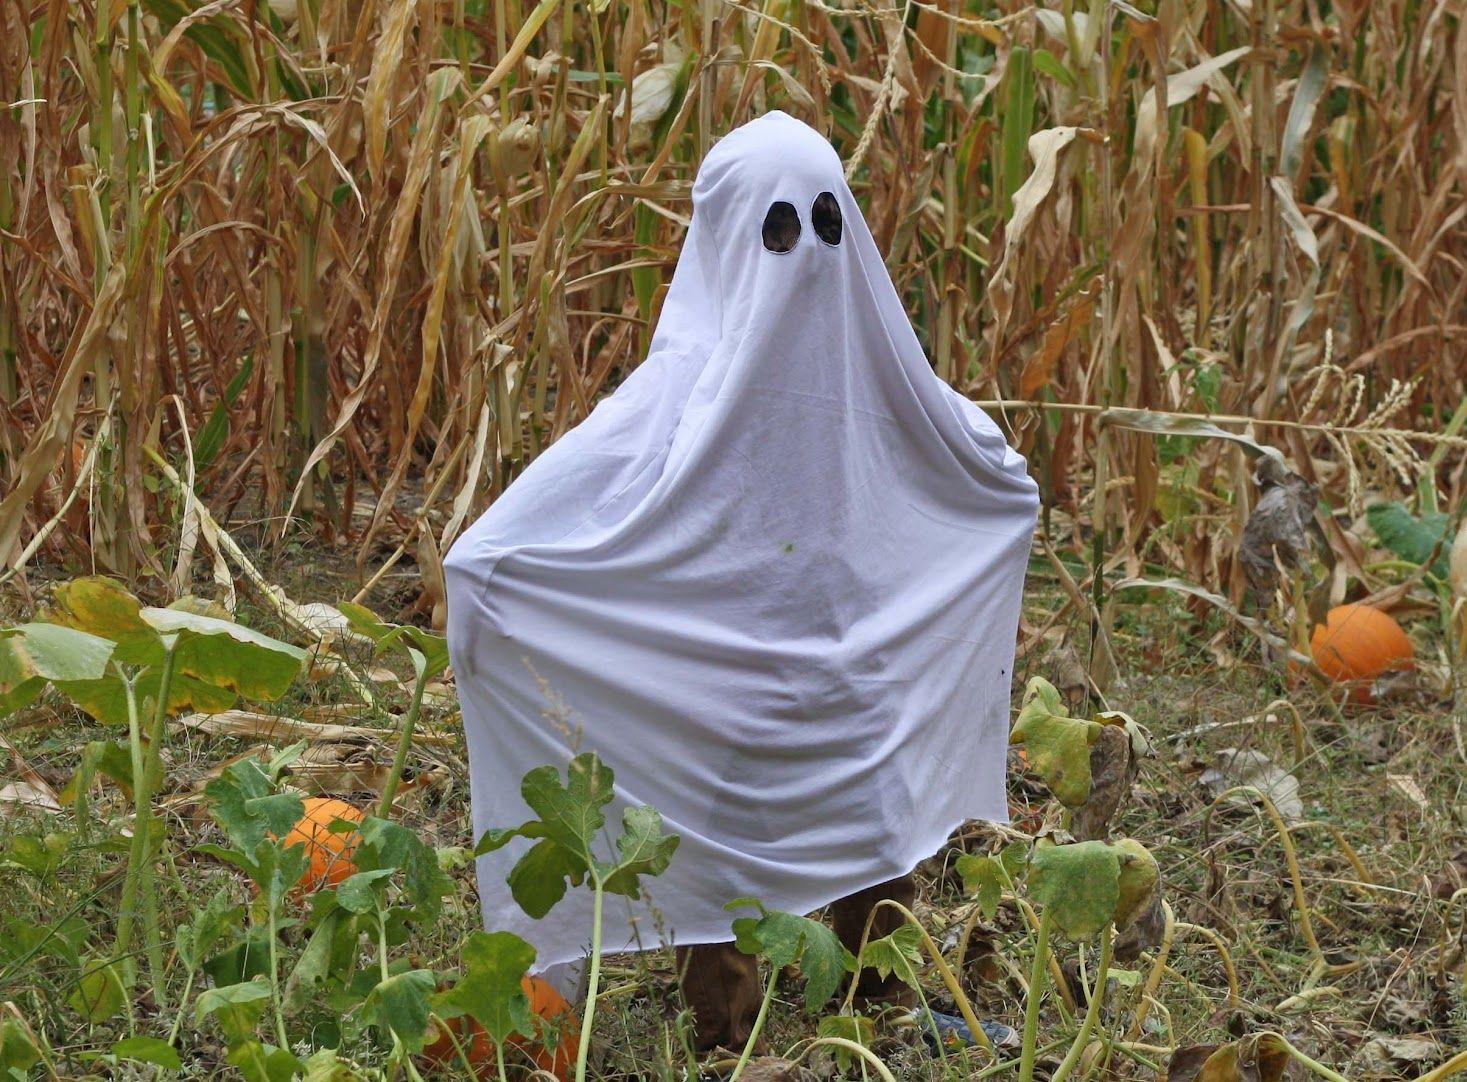 Halloween le costume de fant me blog le roi du tablier - Fabriquer fantome halloween ...